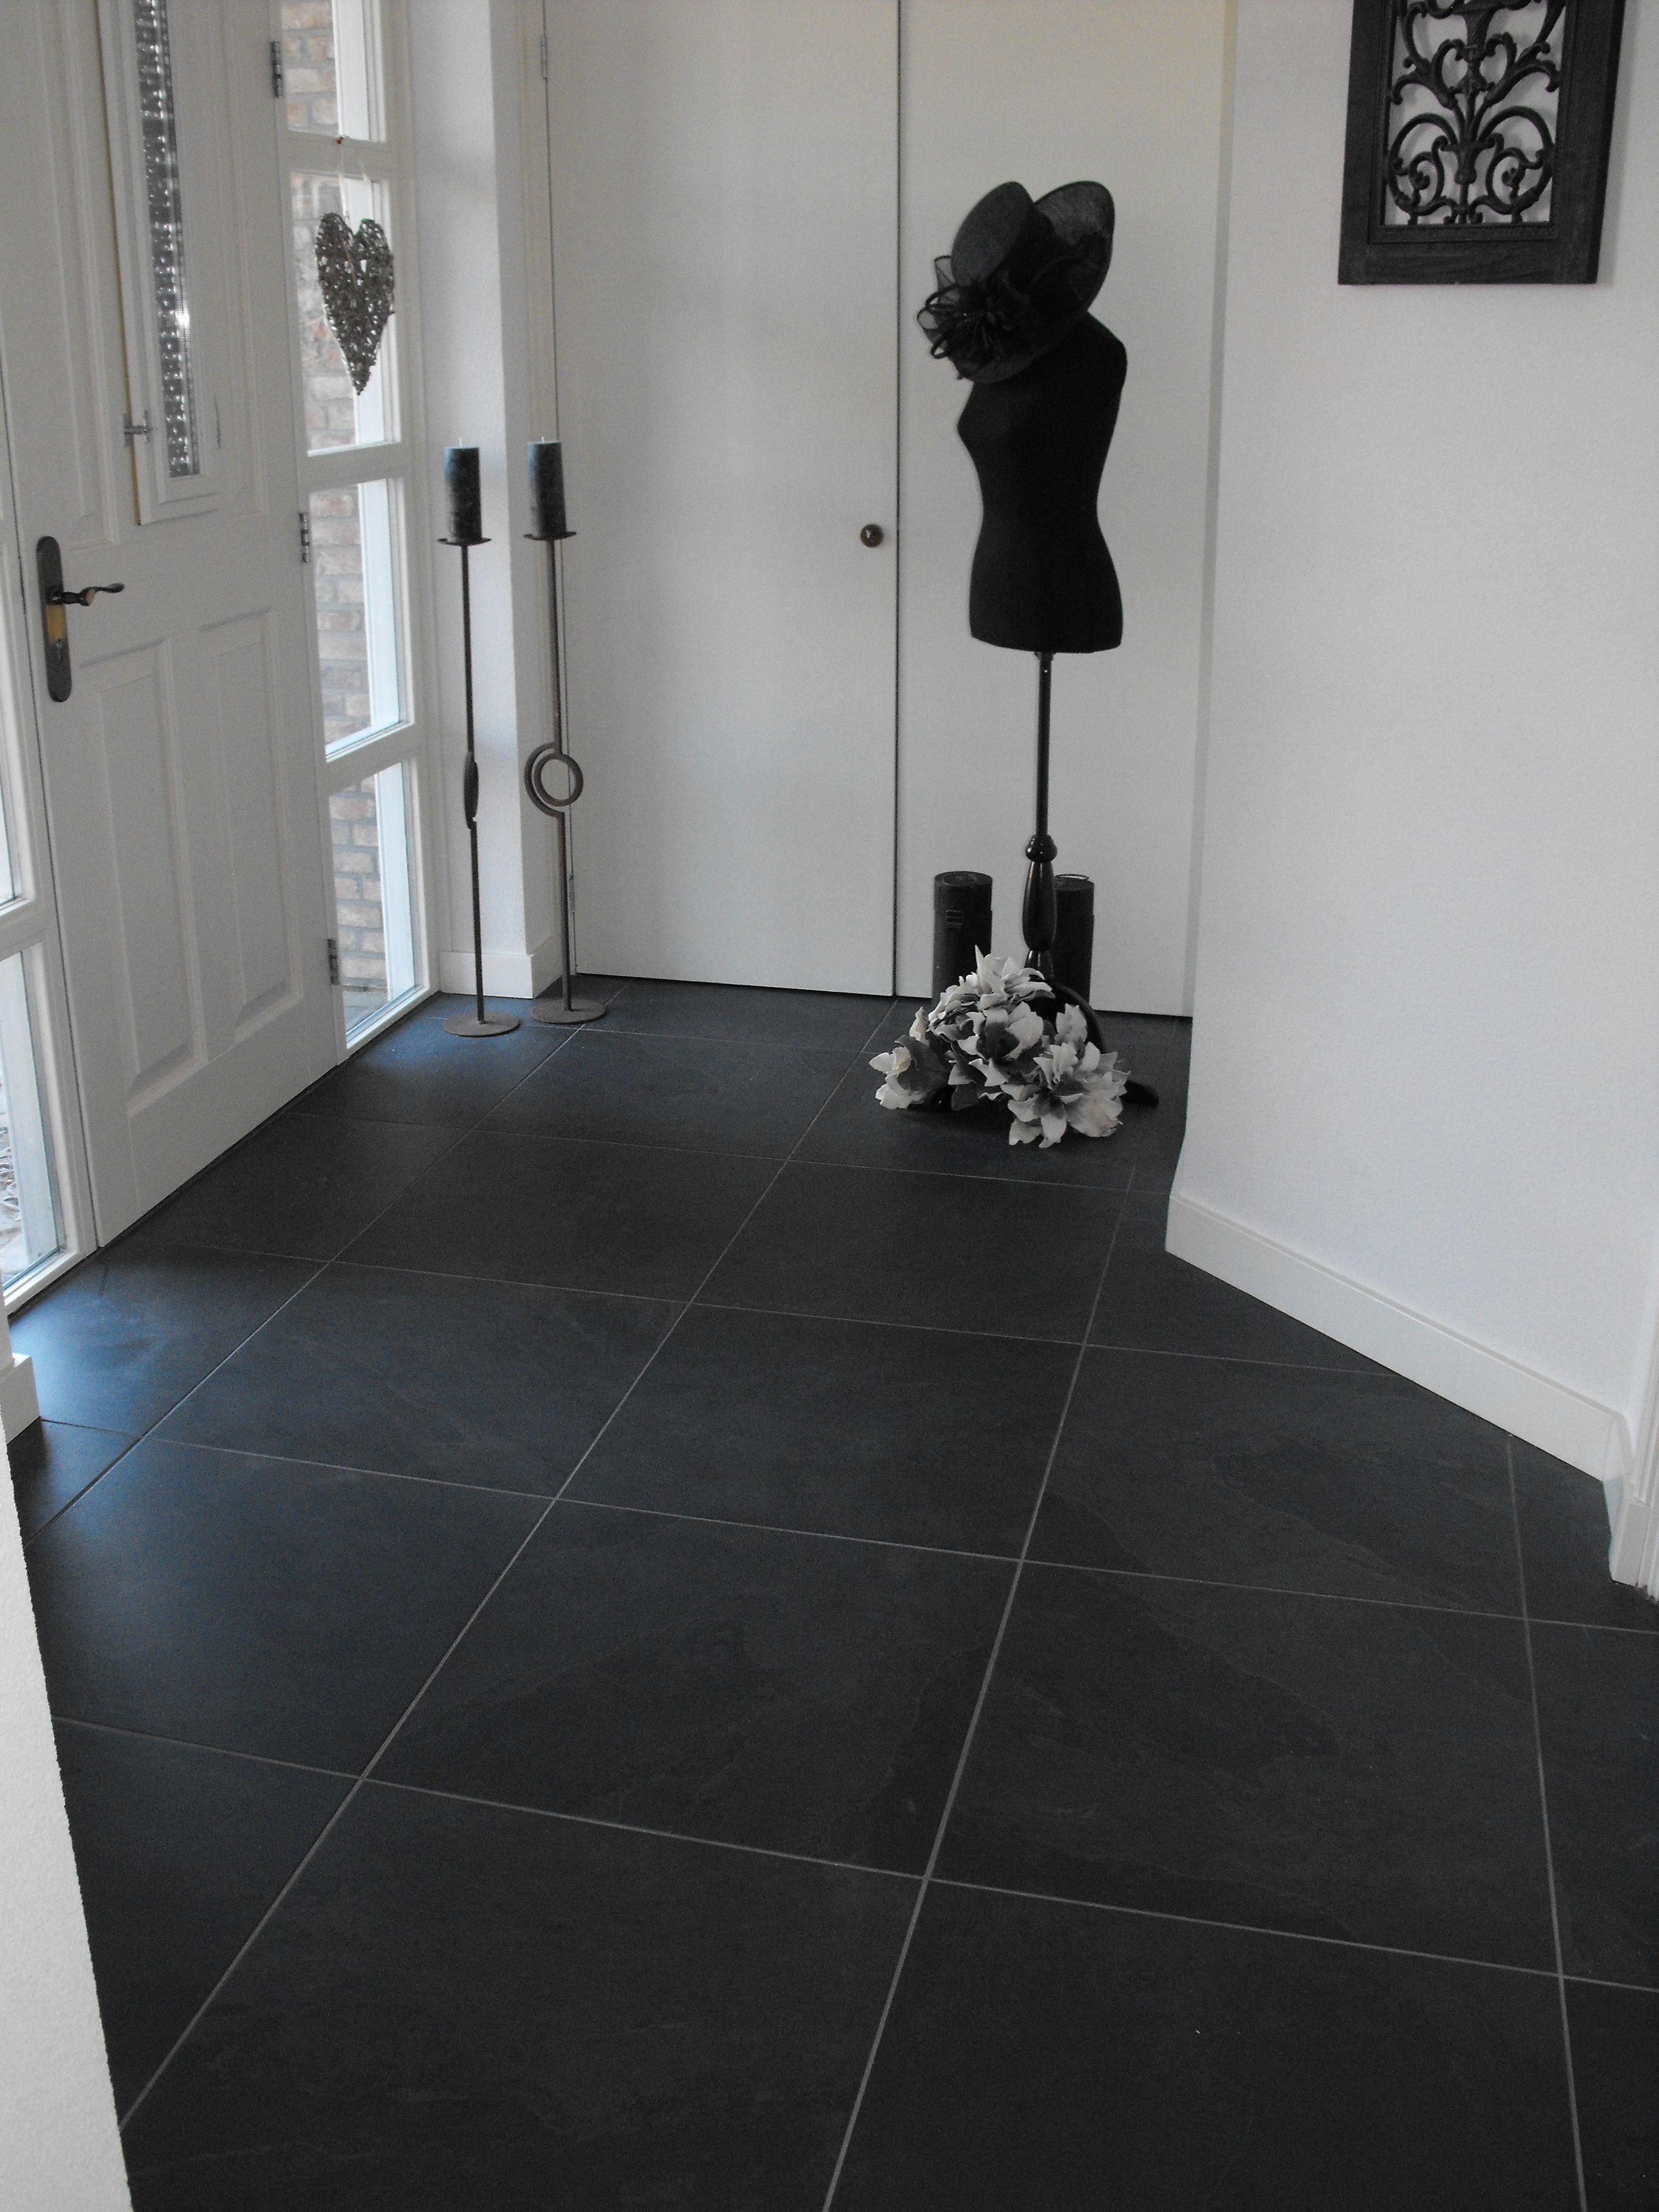 Zwarte Vloertegels 60x60.Keramische Vloertegel Antraciet 60x60 In 2019 Leistenen